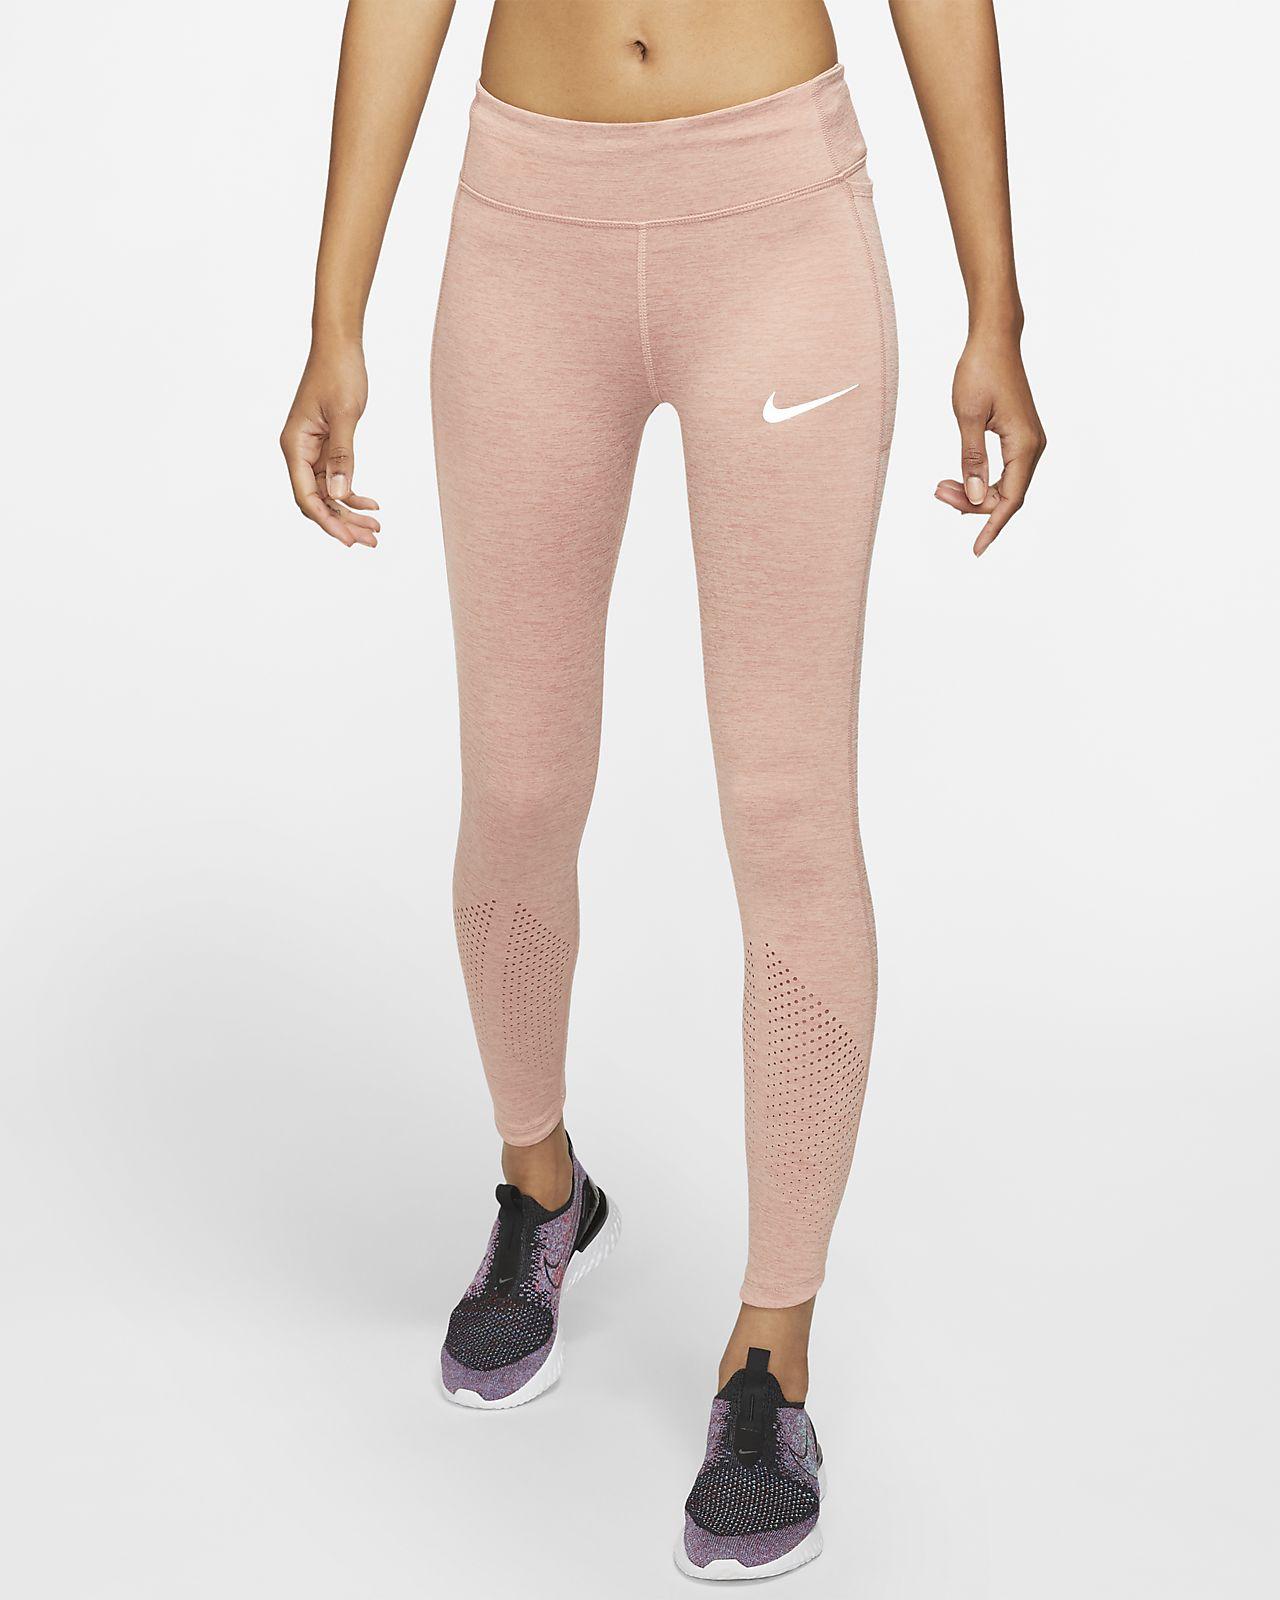 Nike Epic Lux Women's Leggings